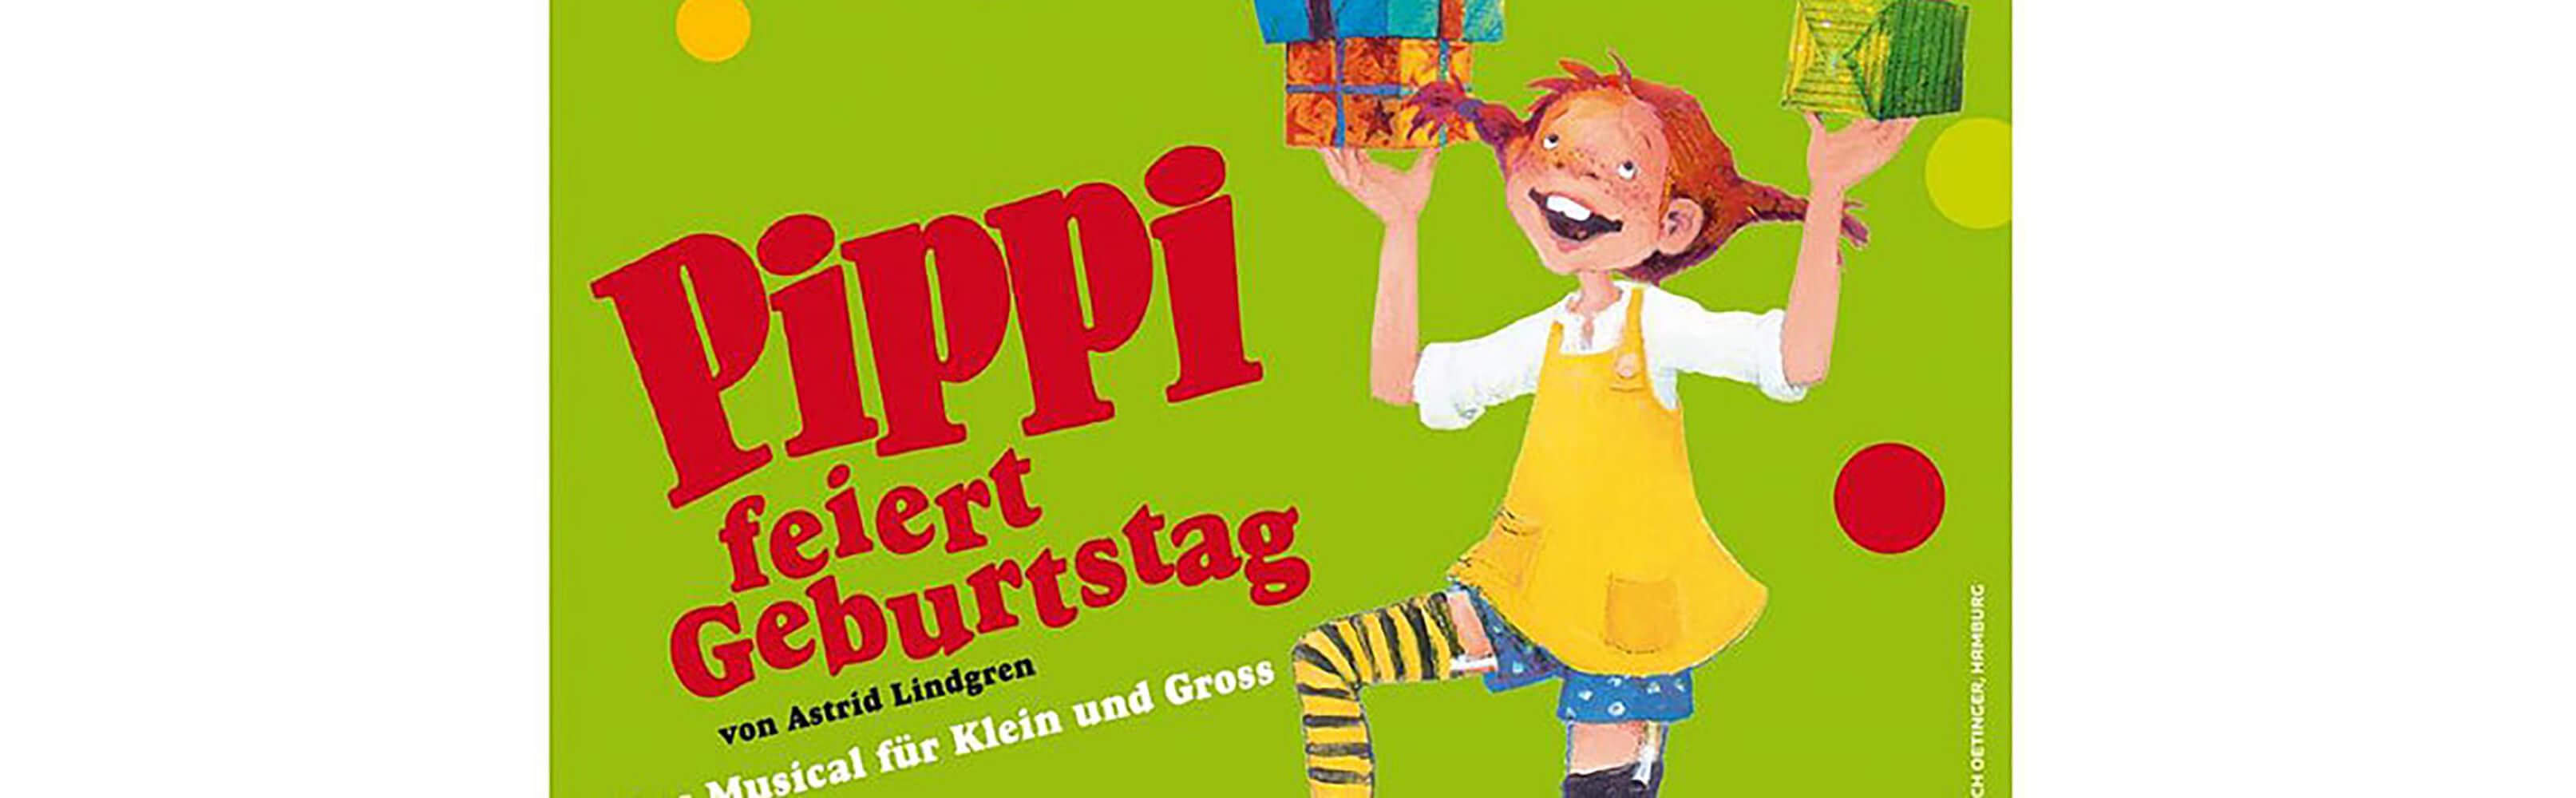 Winterthur - Pippi feiert Geburtstag - Kindermusical für Klein  und Gross! 1